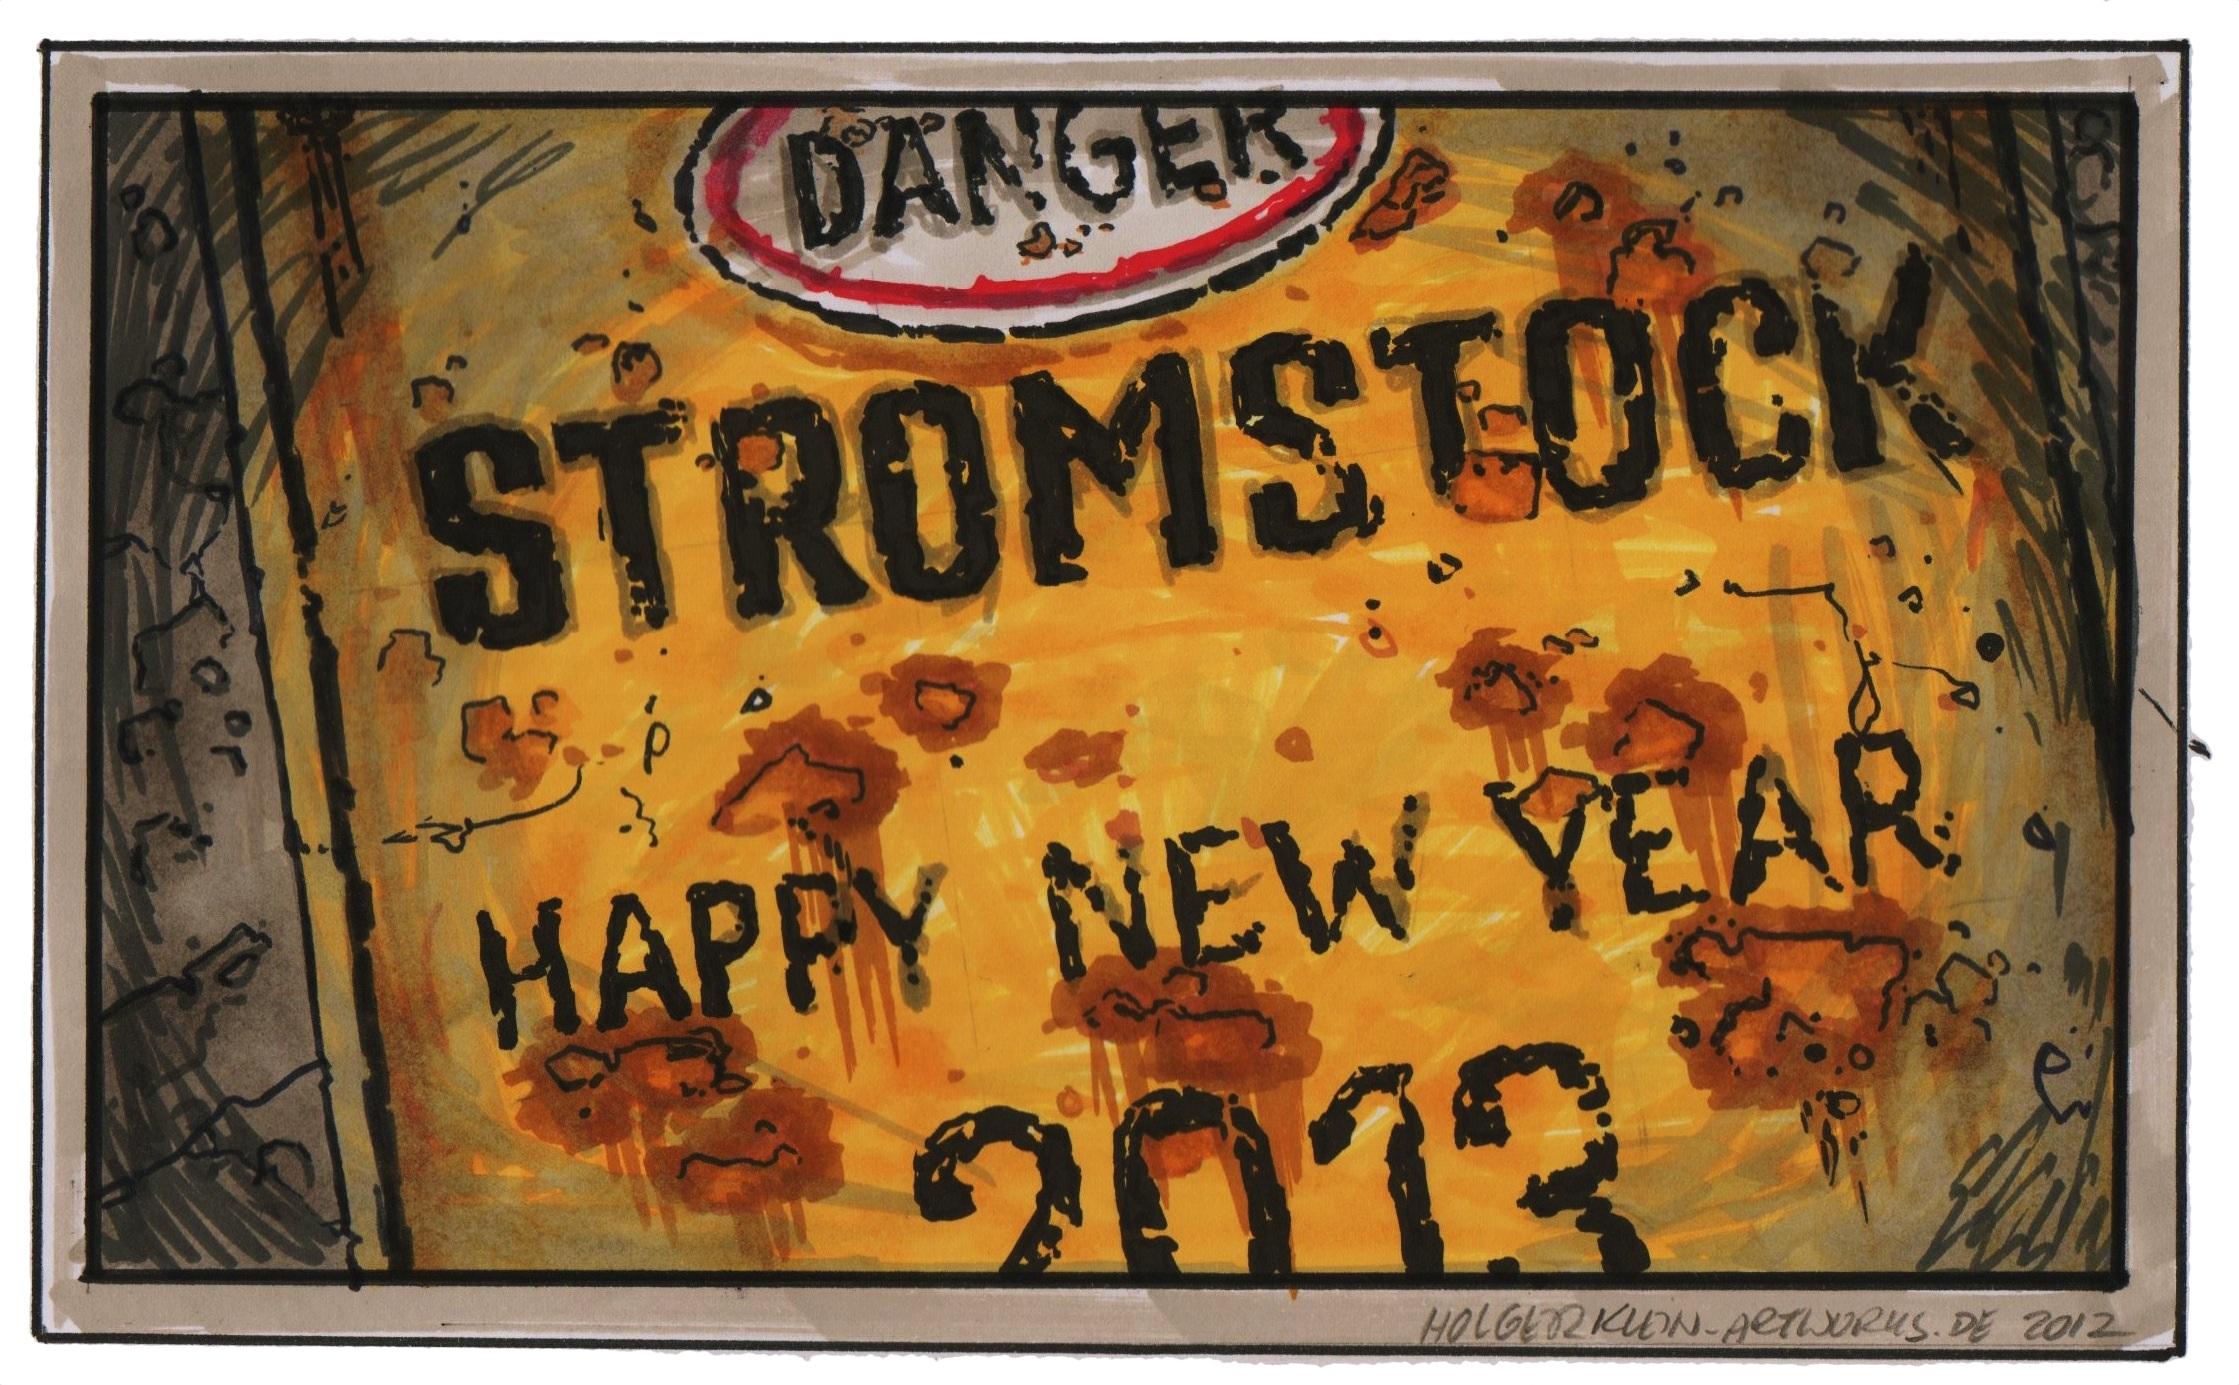 STRMSTK2013